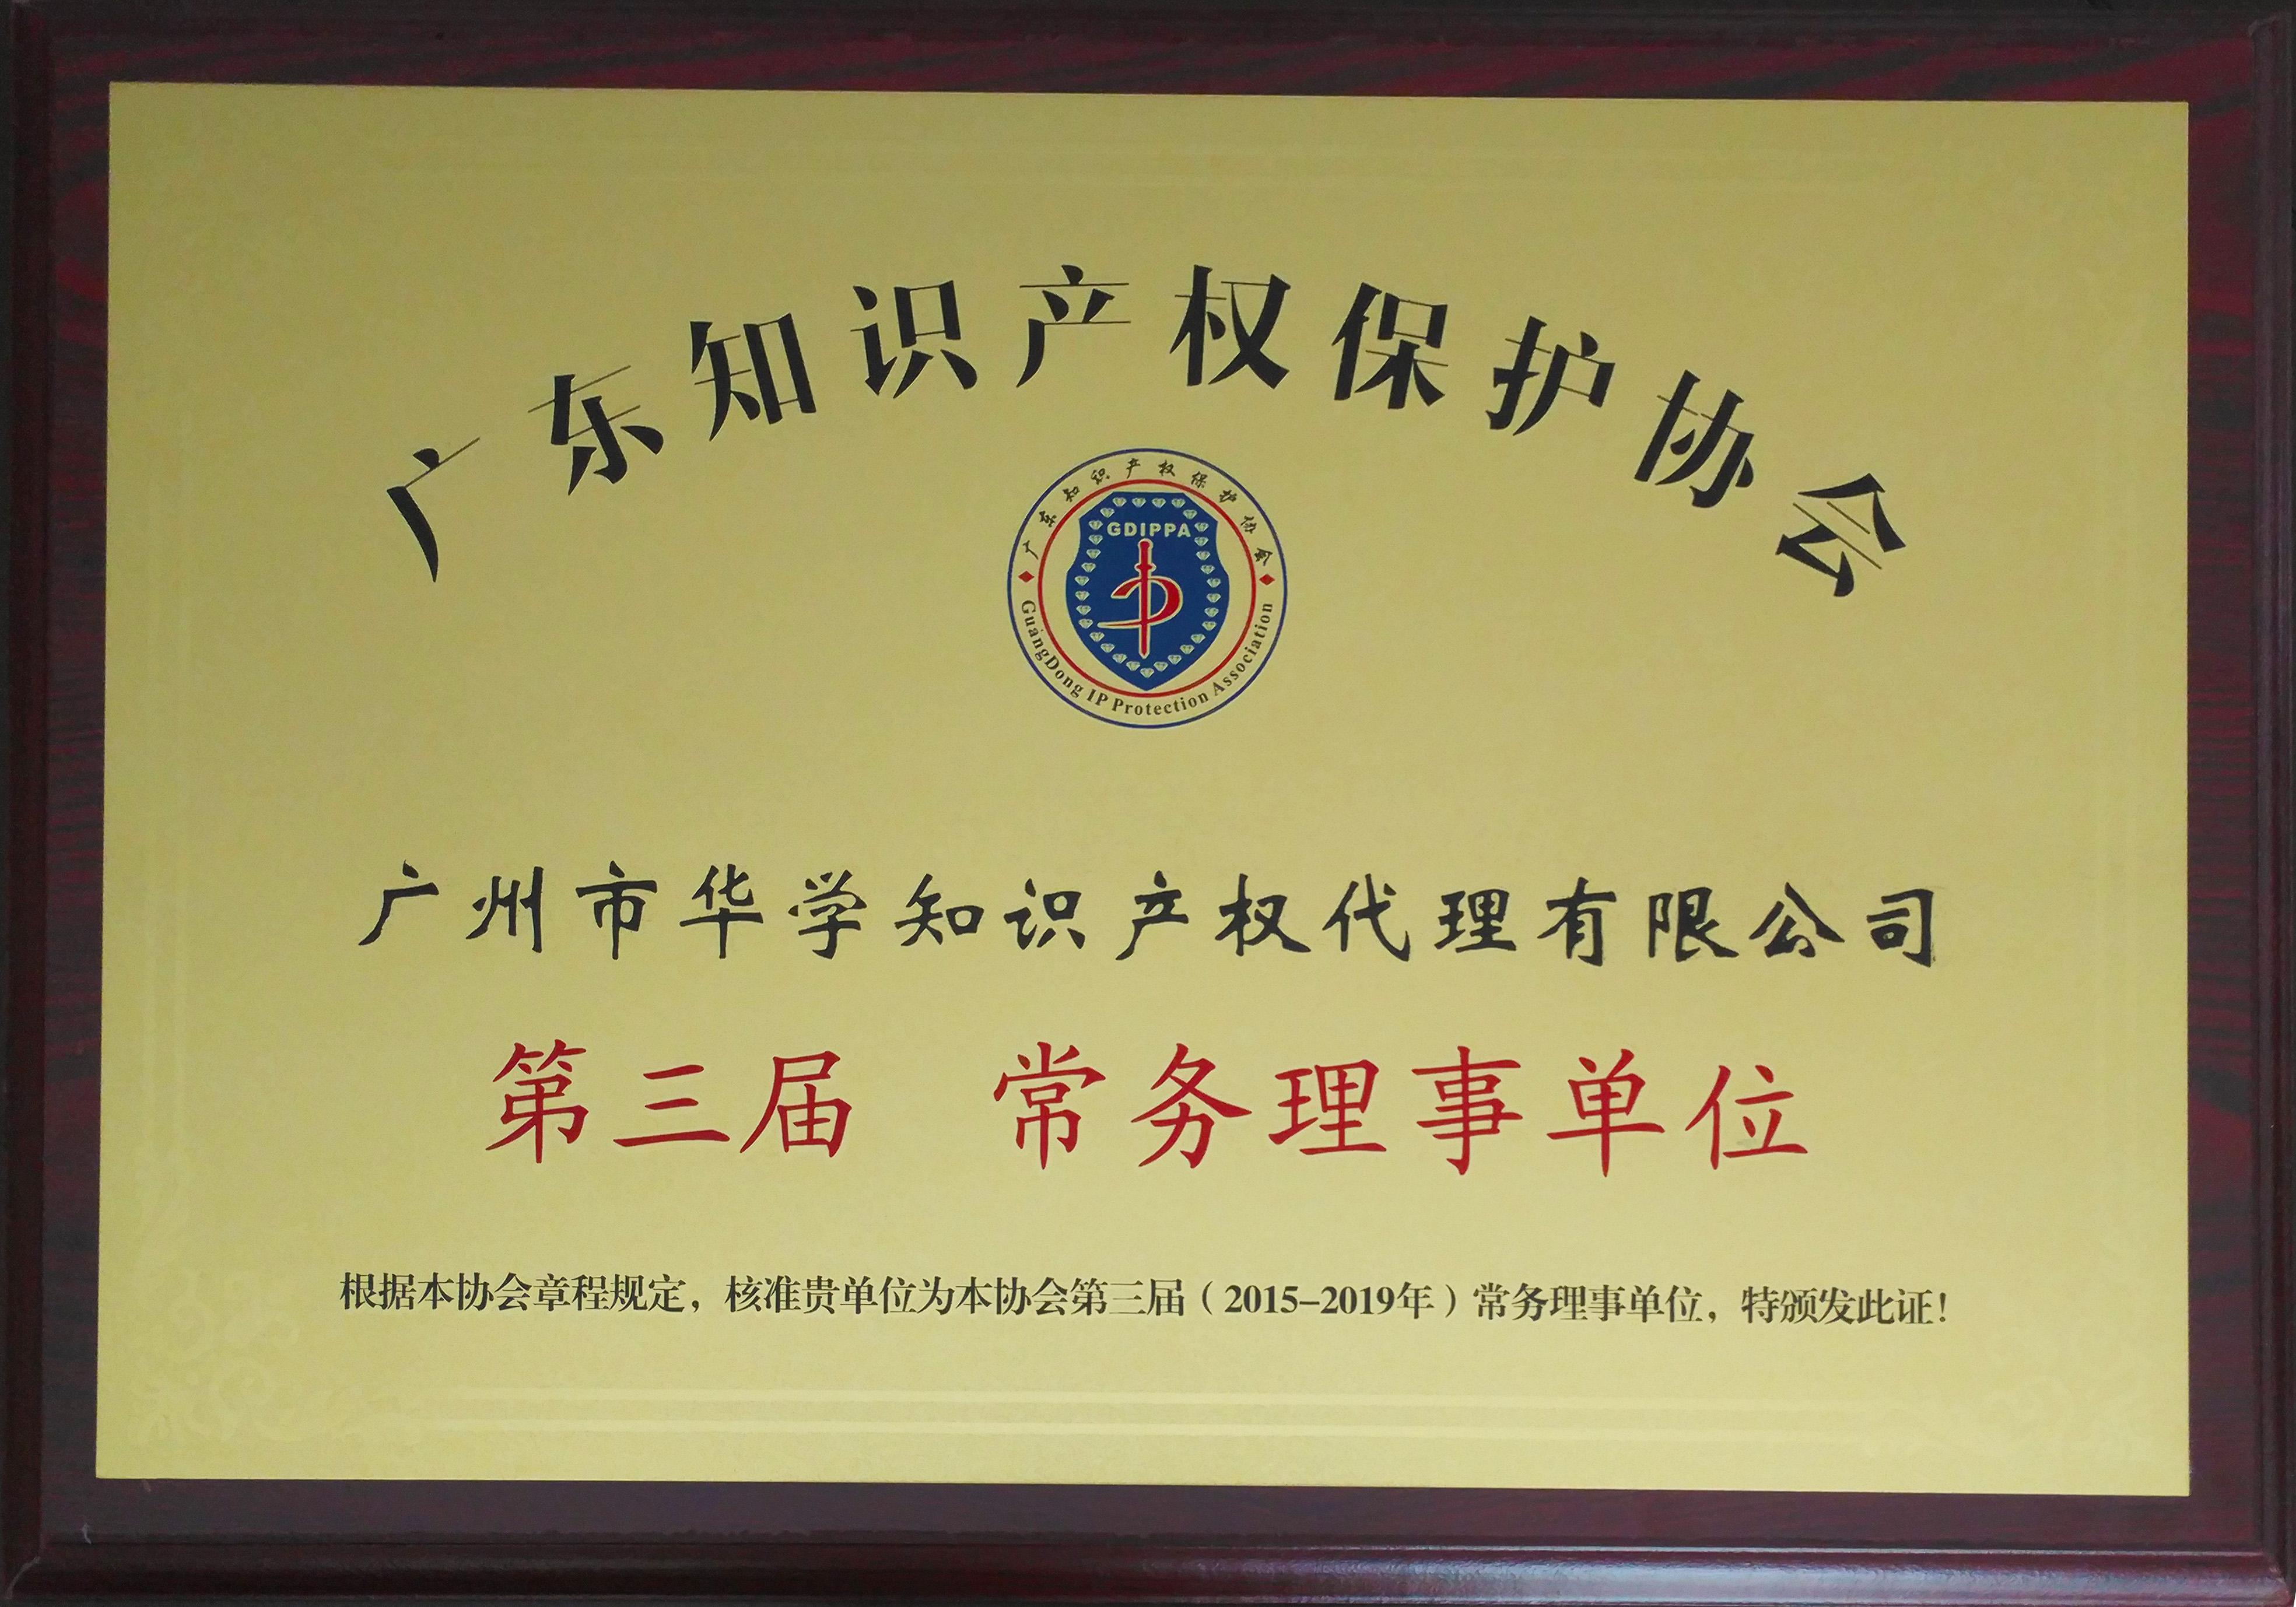 廣東知識產權保護協會常務理事單位2015-2019